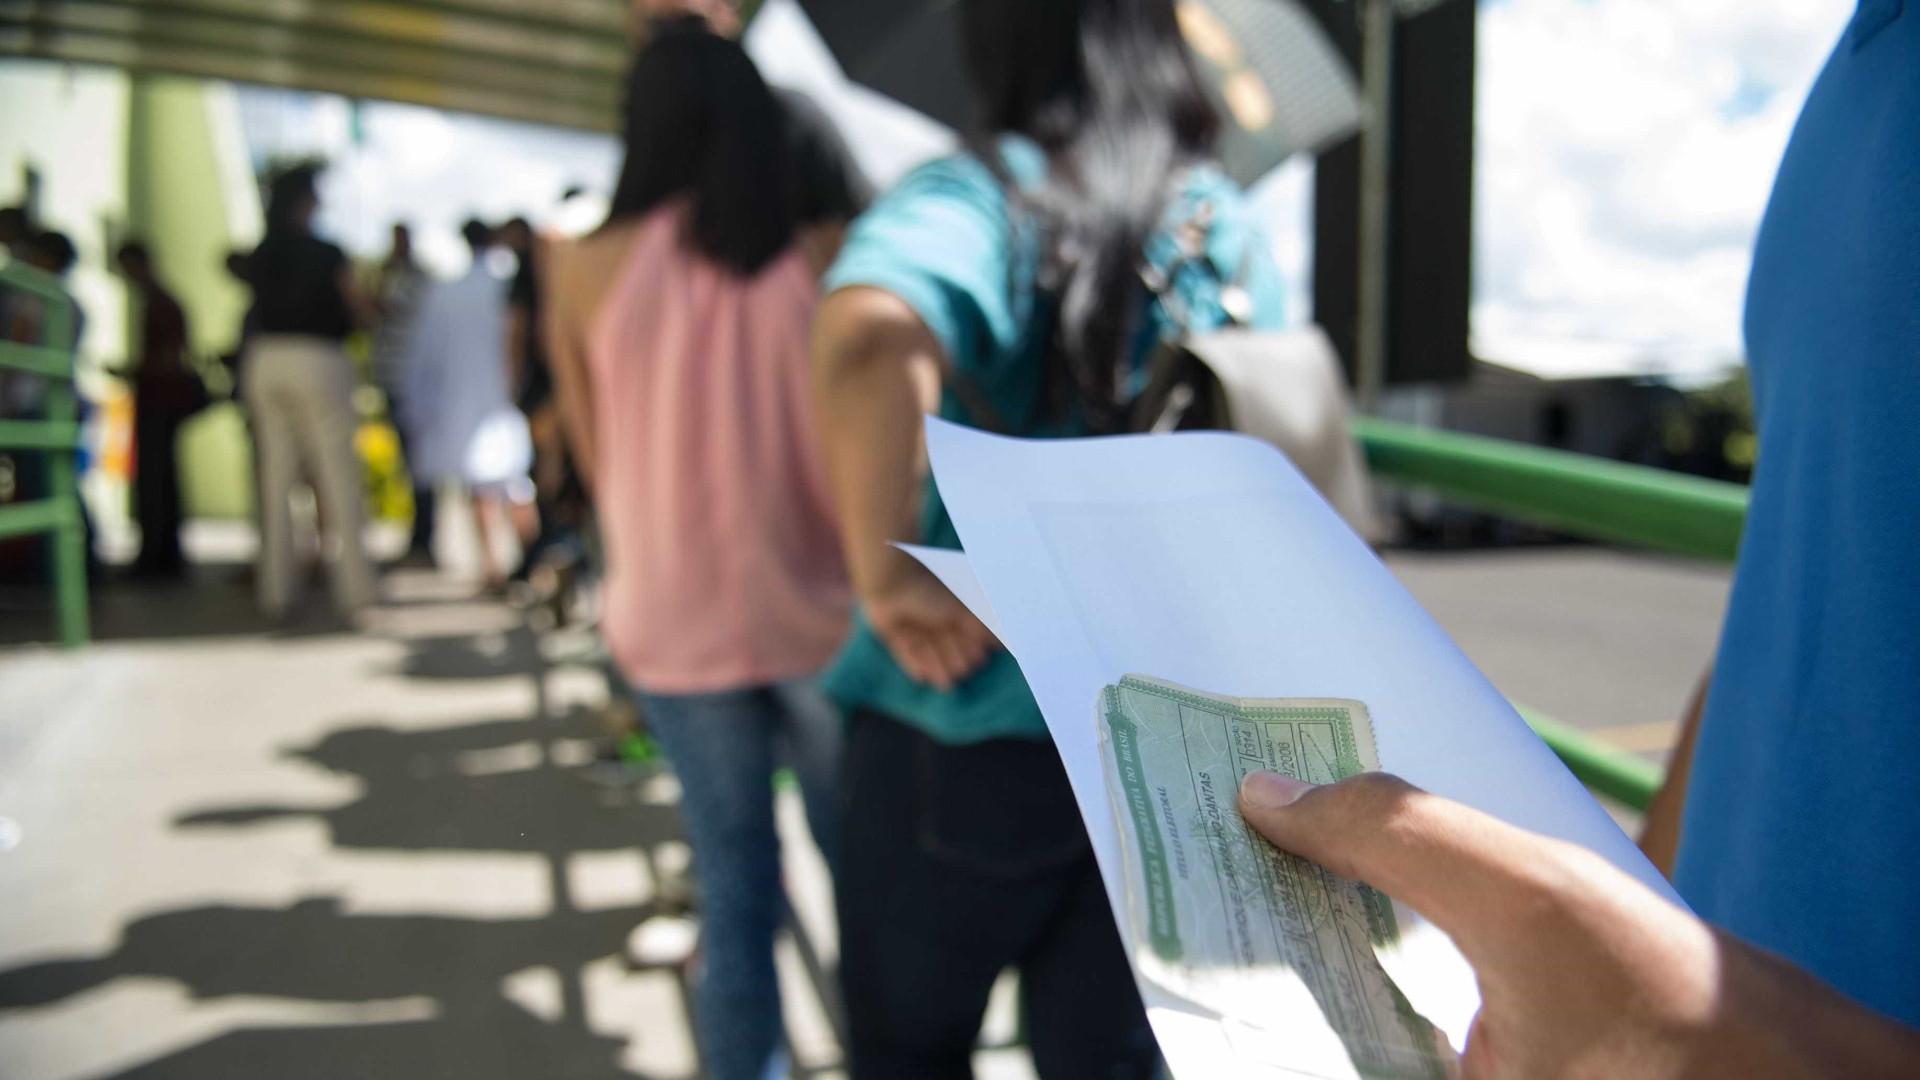 Você conhece o perfil do eleitor brasileiro nestas eleições? Confira